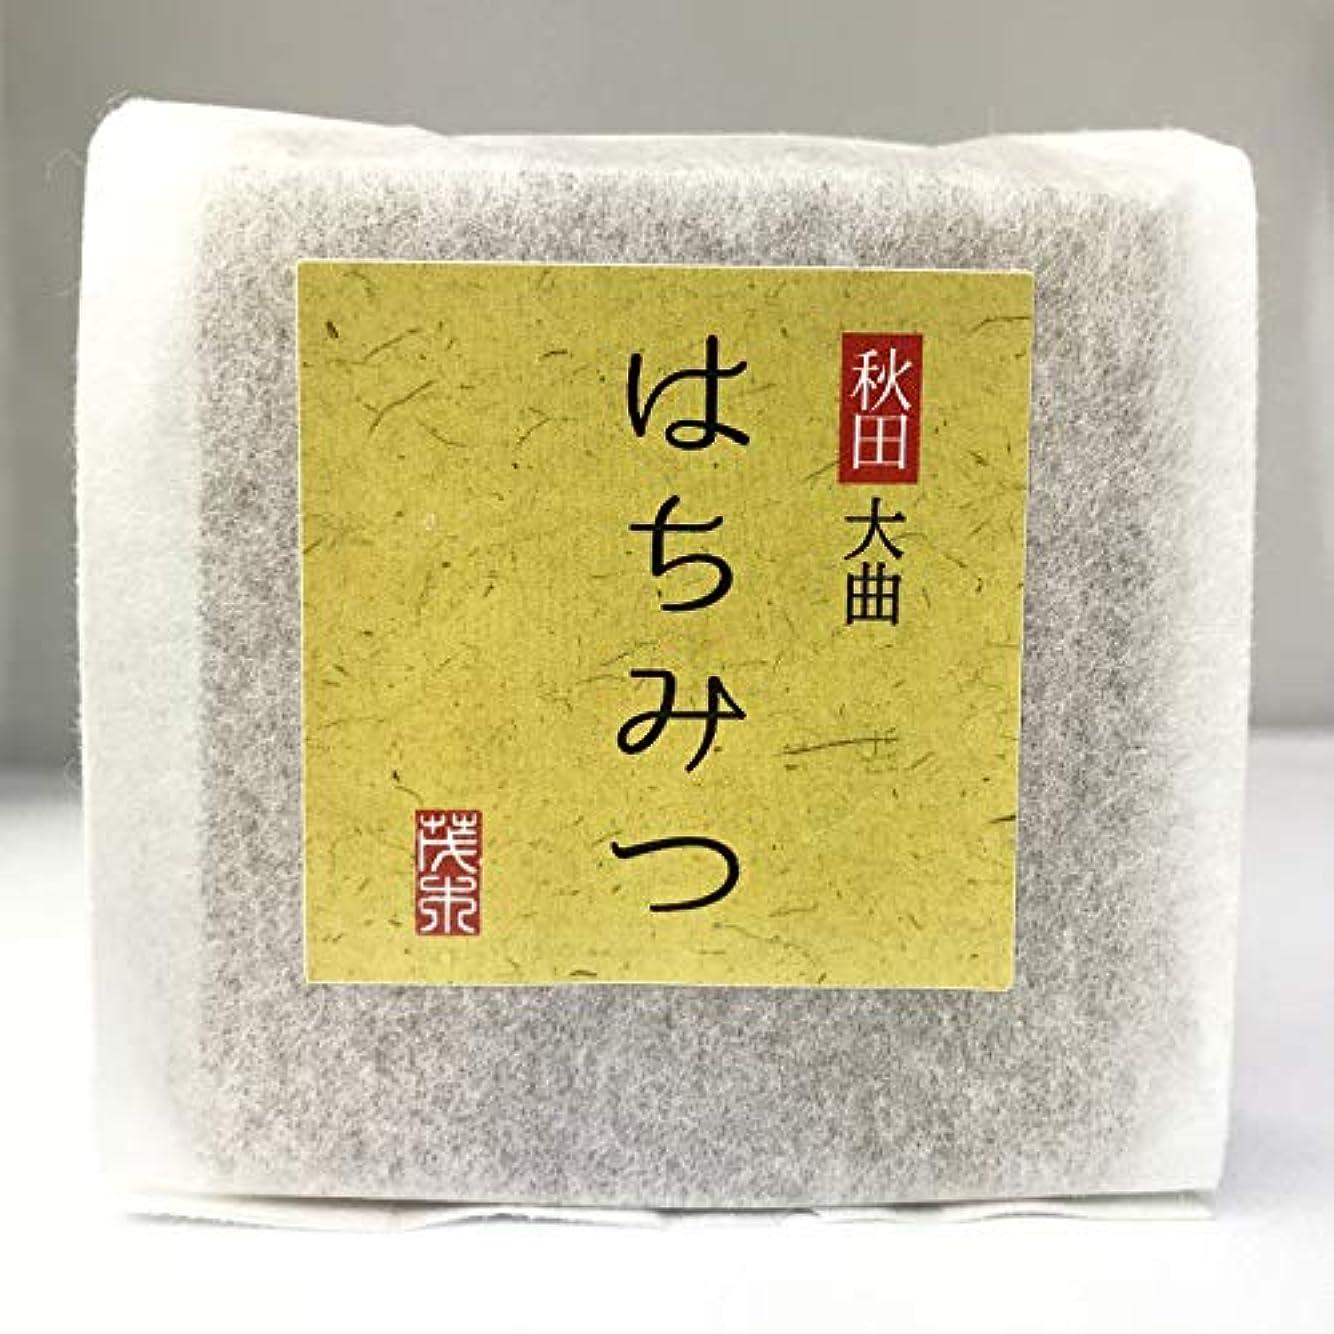 グローバルバージンクラックポット無添加石鹸 はちみつ石鹸 100g